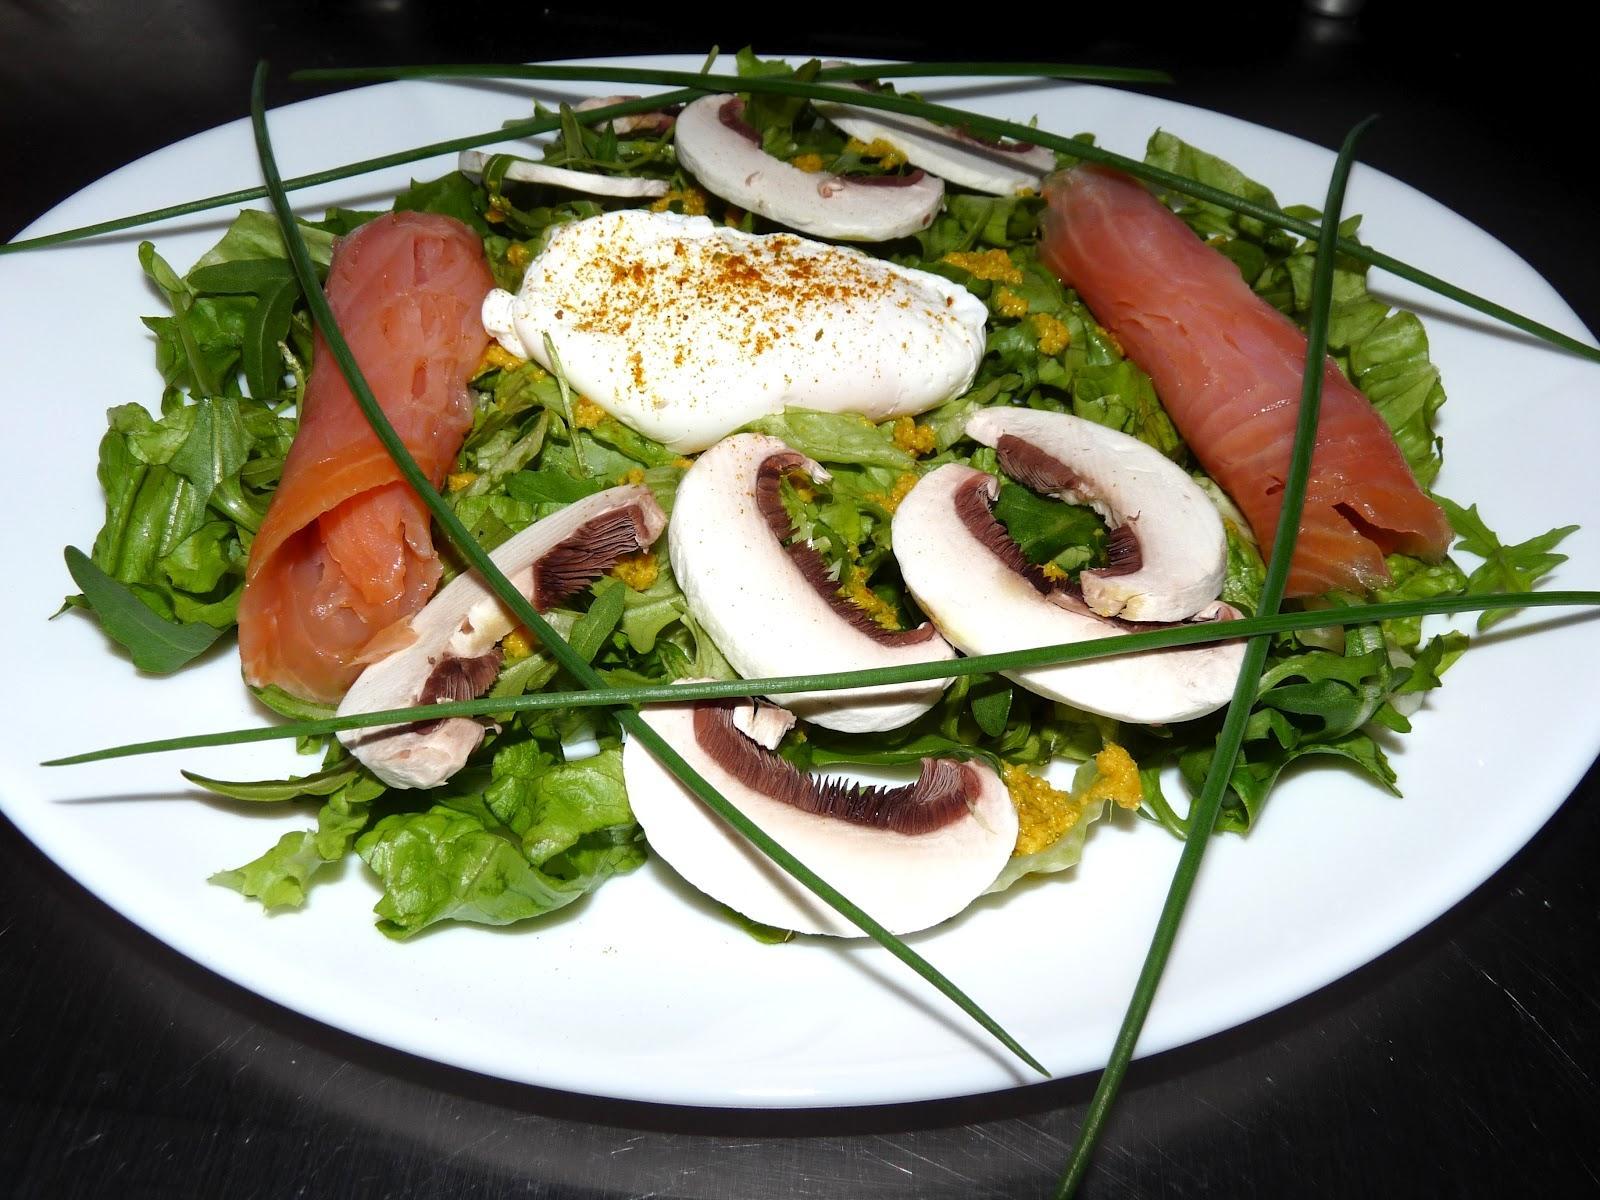 Quelles sont ces salades ?